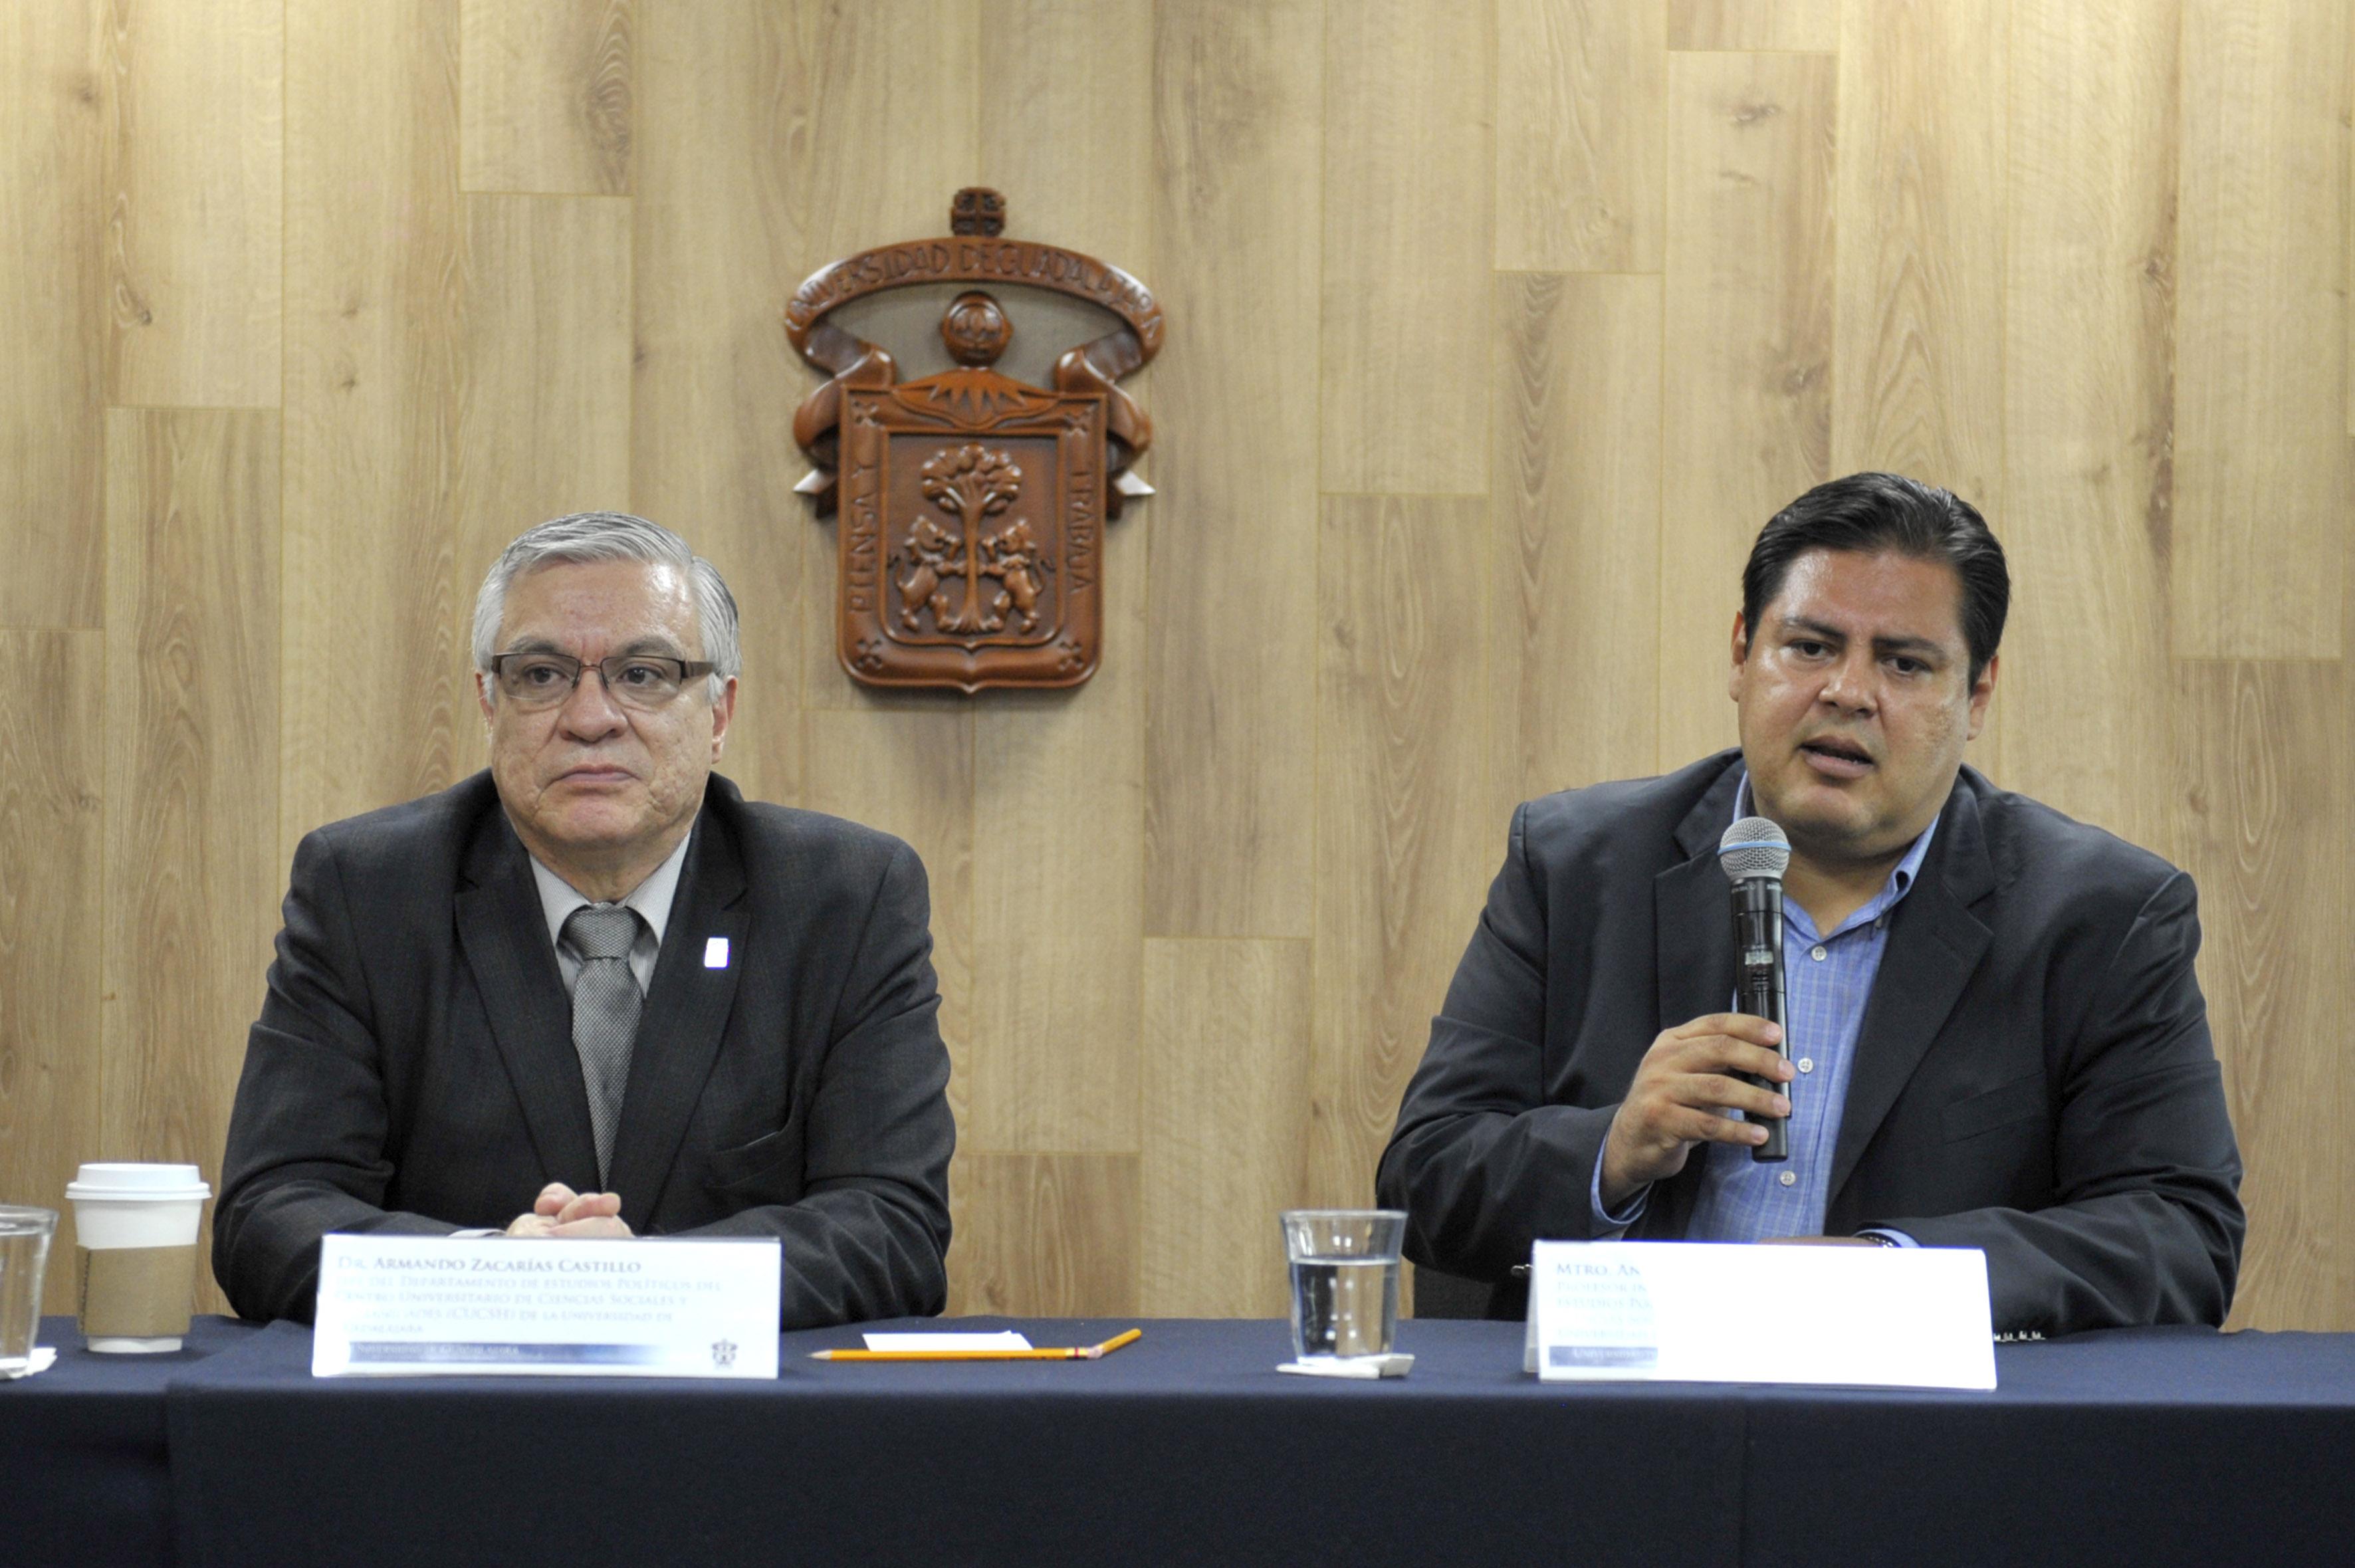 Maestro Antonio Elvira de la Torre, profesor investigador del Departamento de Estudios Políticos, haciendo uso de la palabra